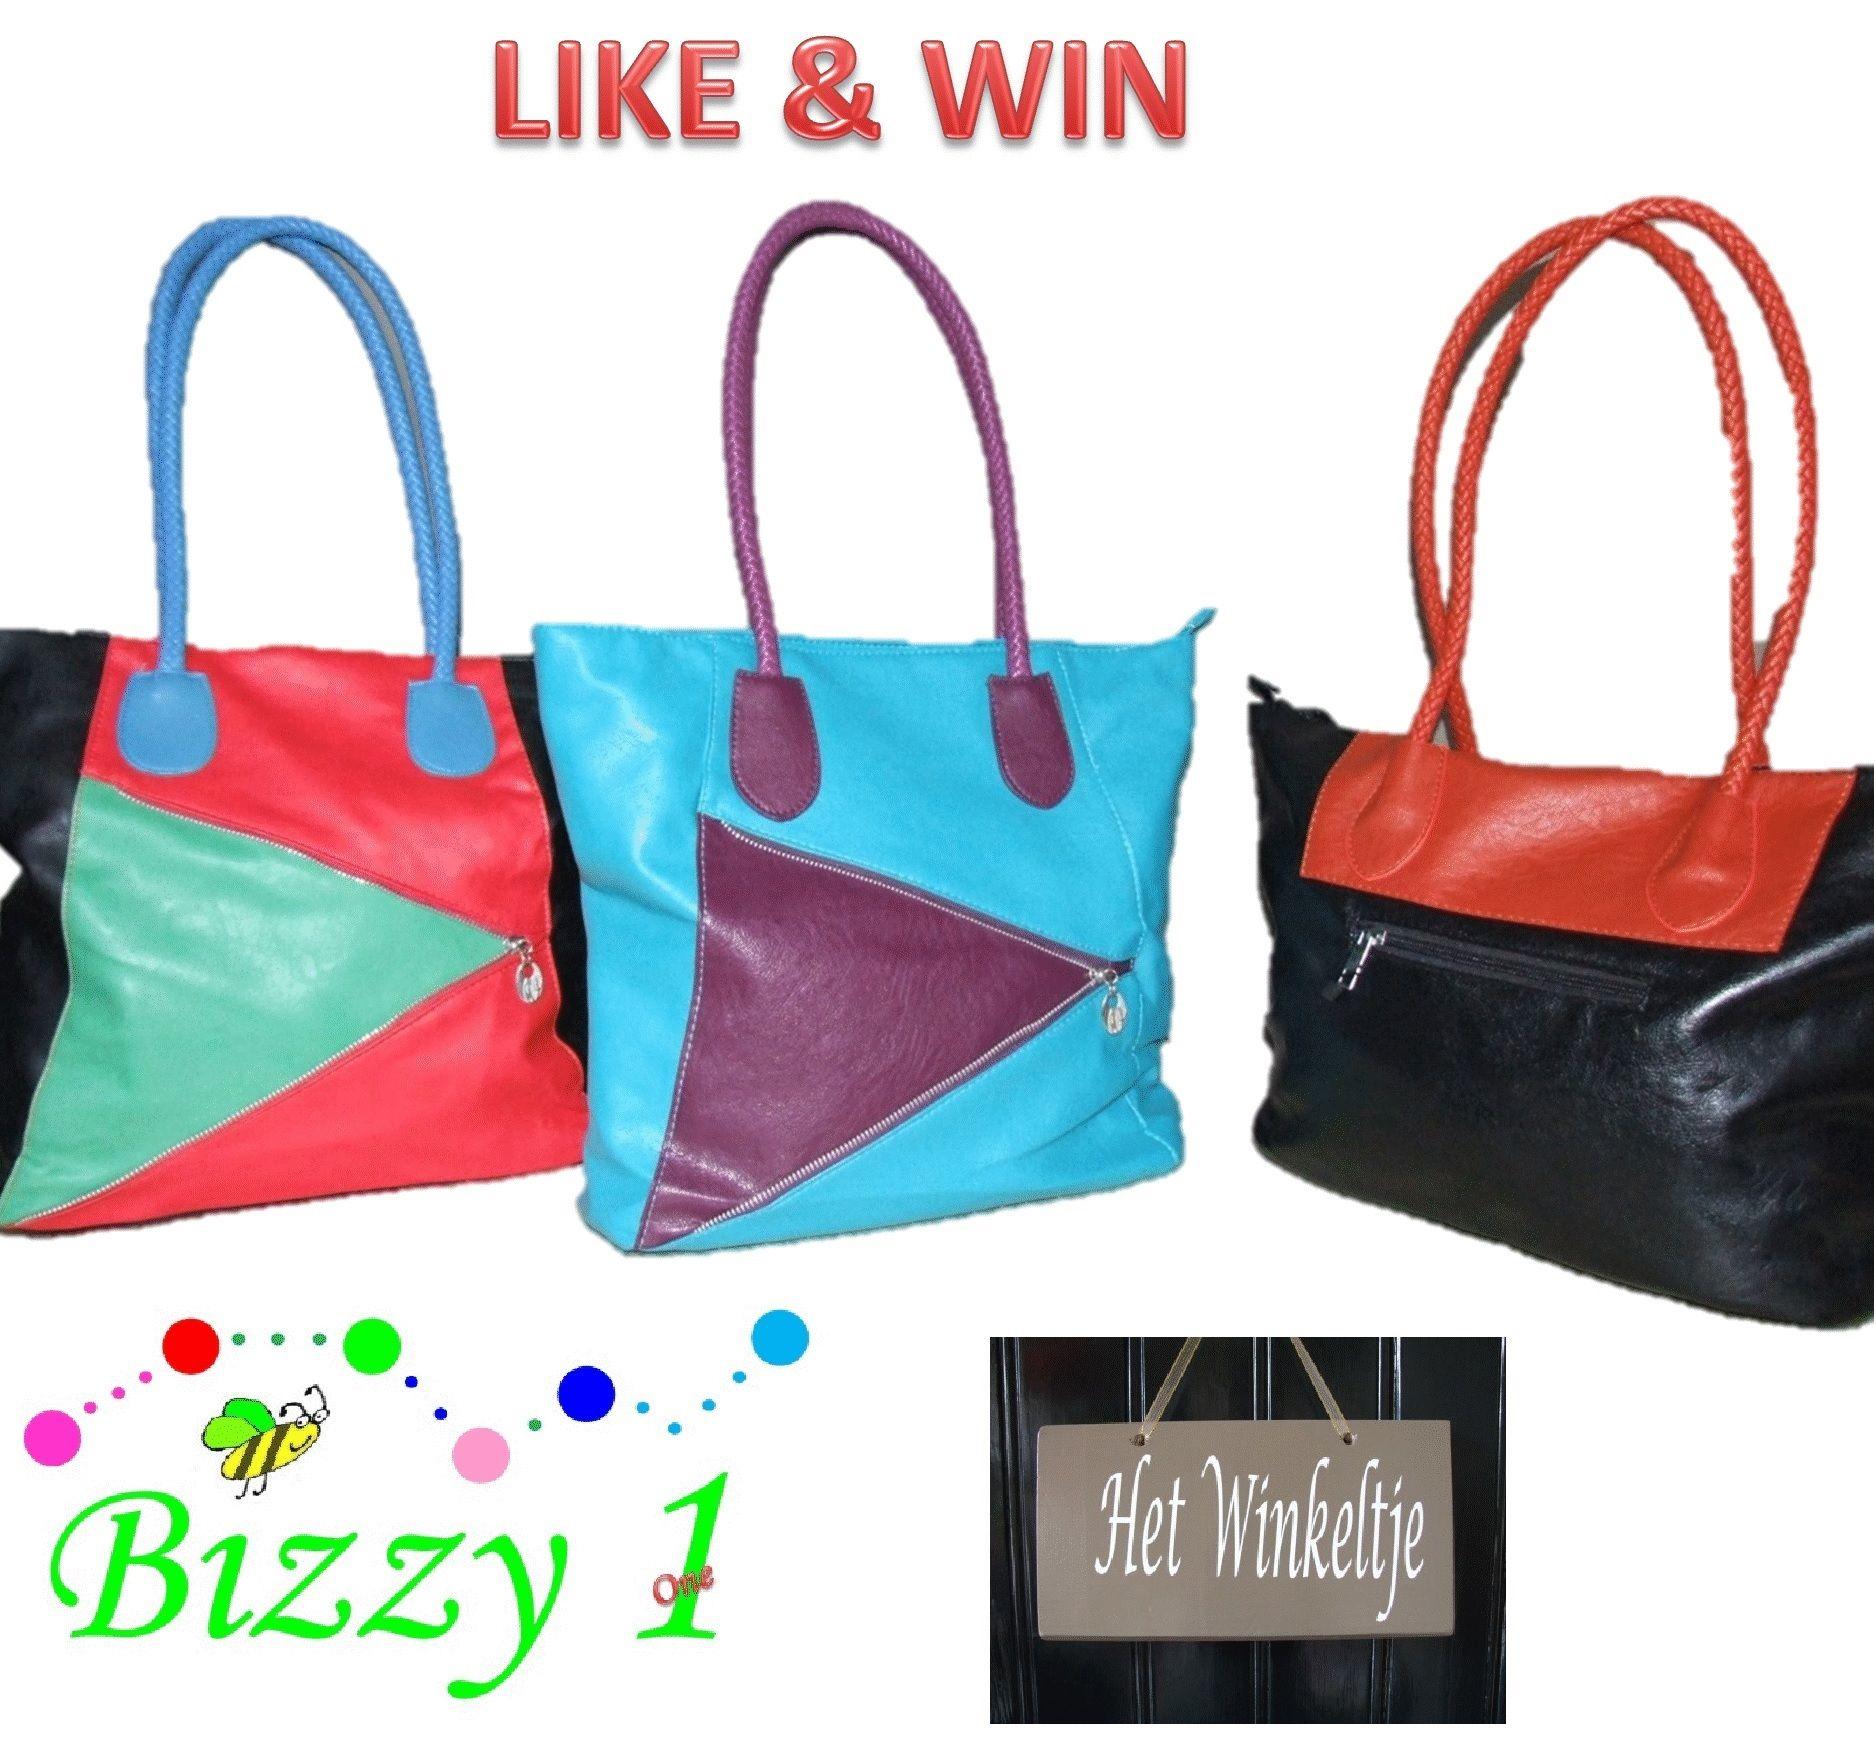 Win een tas! https://www.facebook.com/photo.php?fbid=474969479274647&set=a.320340731404190.65865.320338691404394&type=1&theater